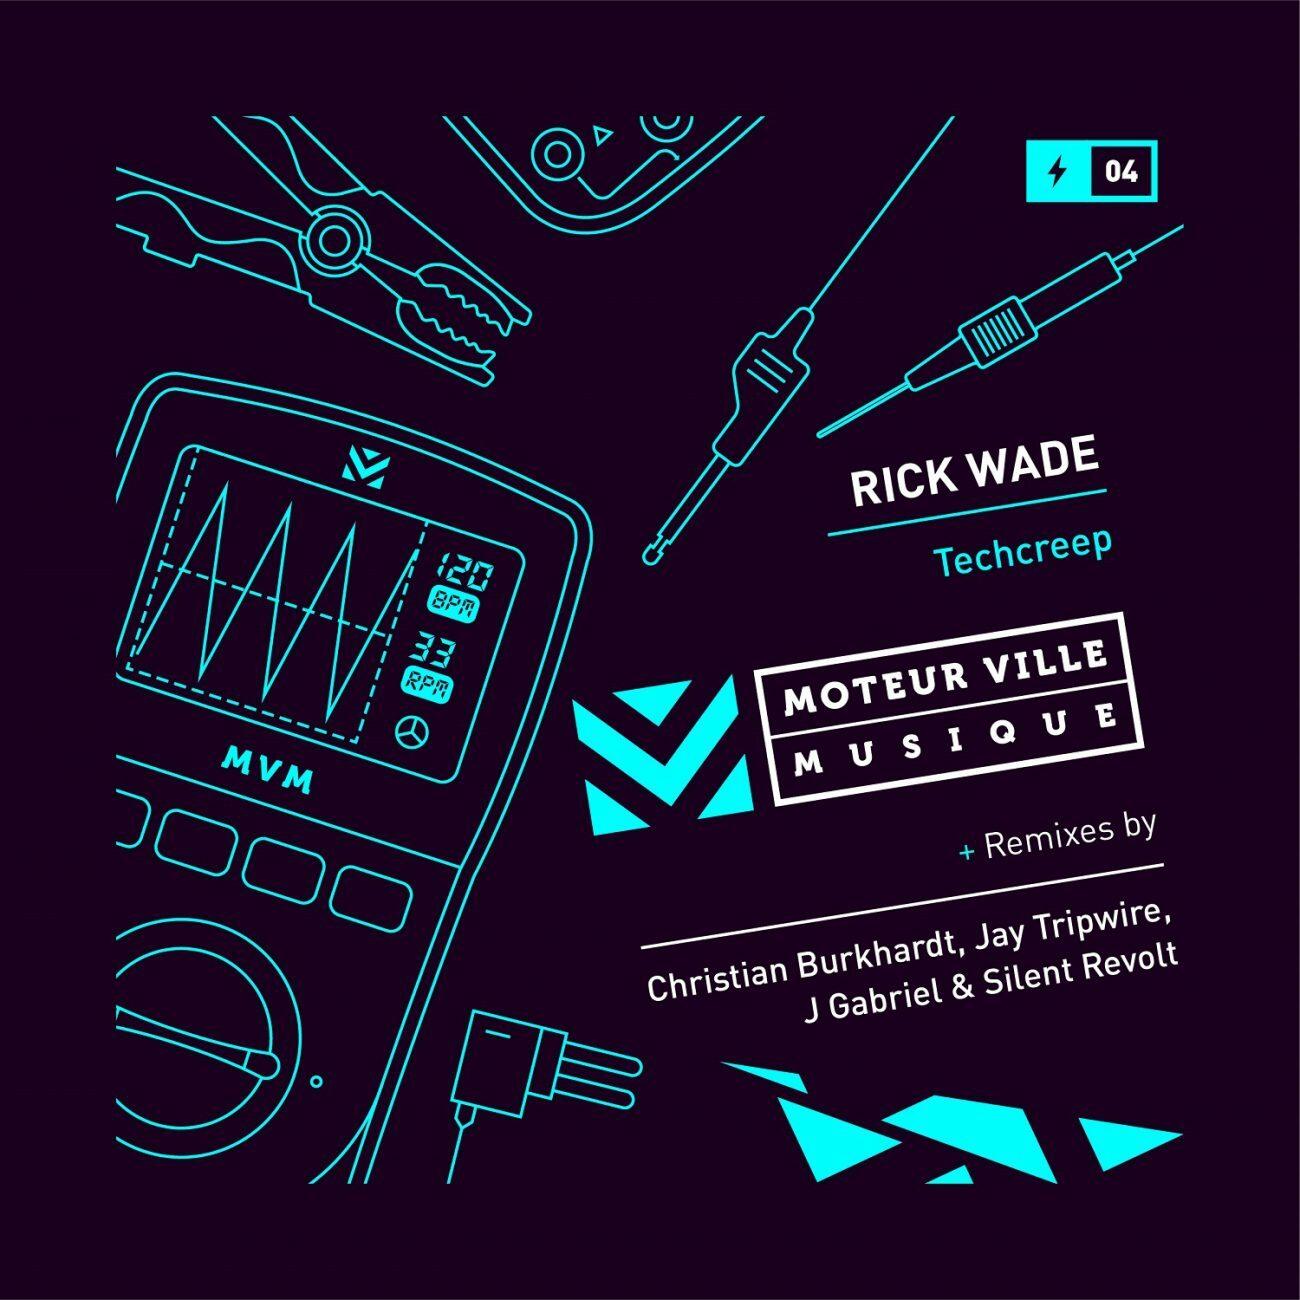 Rick Wade – Techcreep (Moteur Ville Musique)